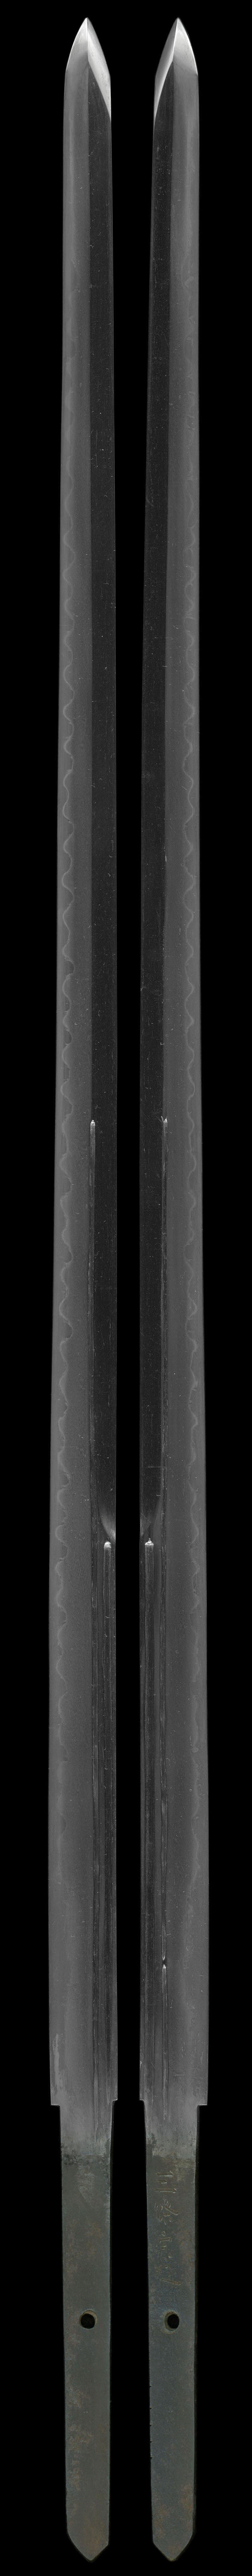 三條宗近(大和・新々刀)Picture of whole